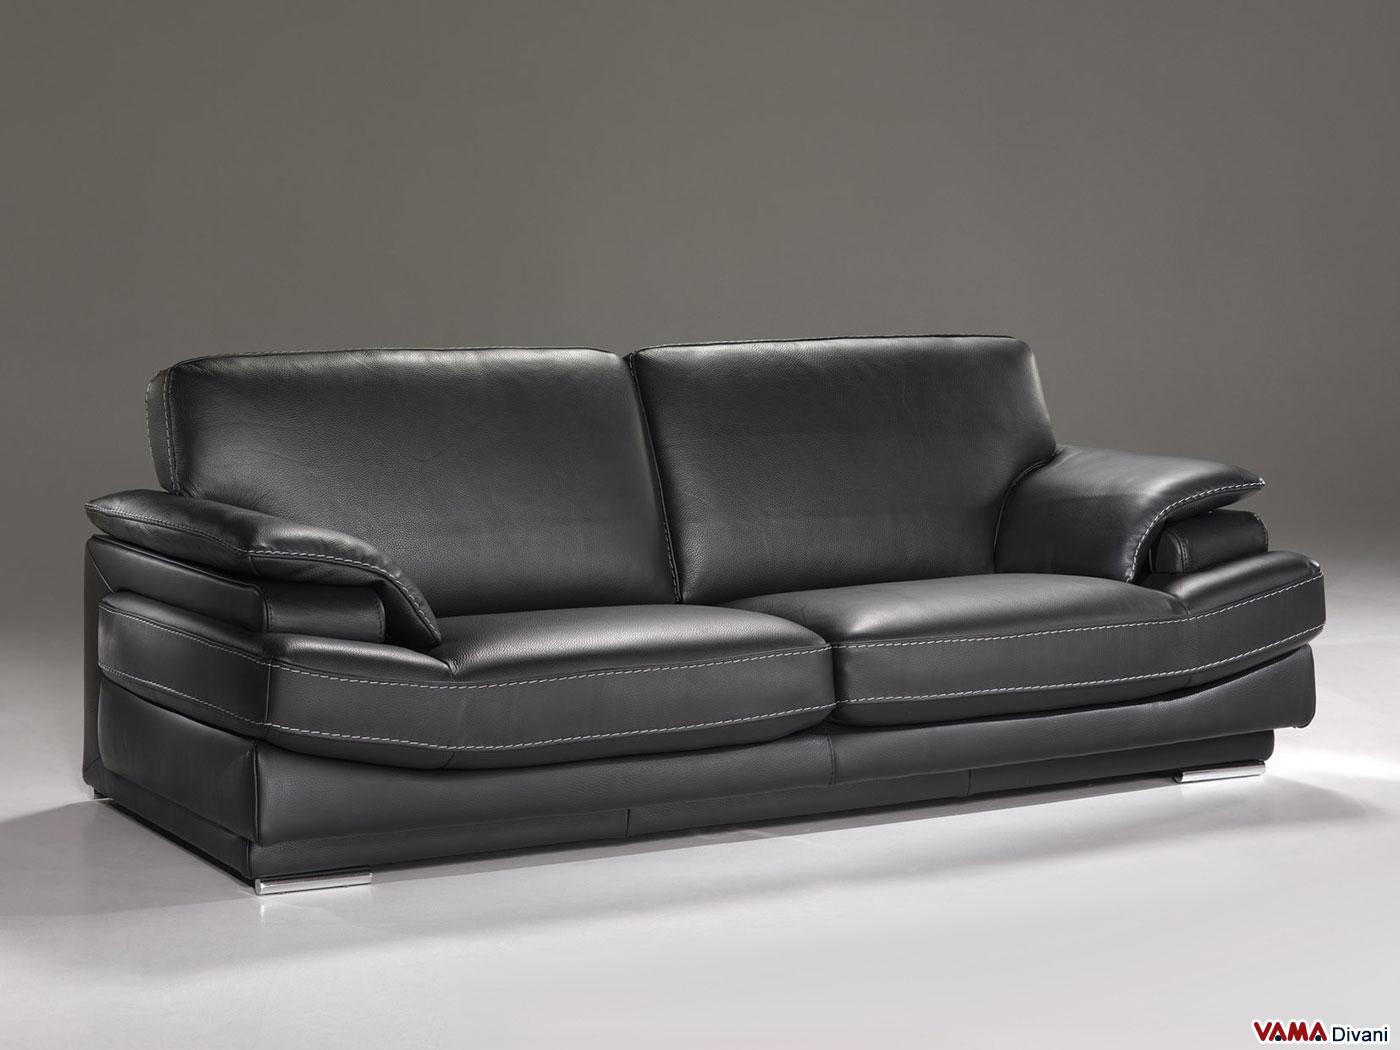 Divano particolare montgomery vama divani - Divano in pelle nero ...